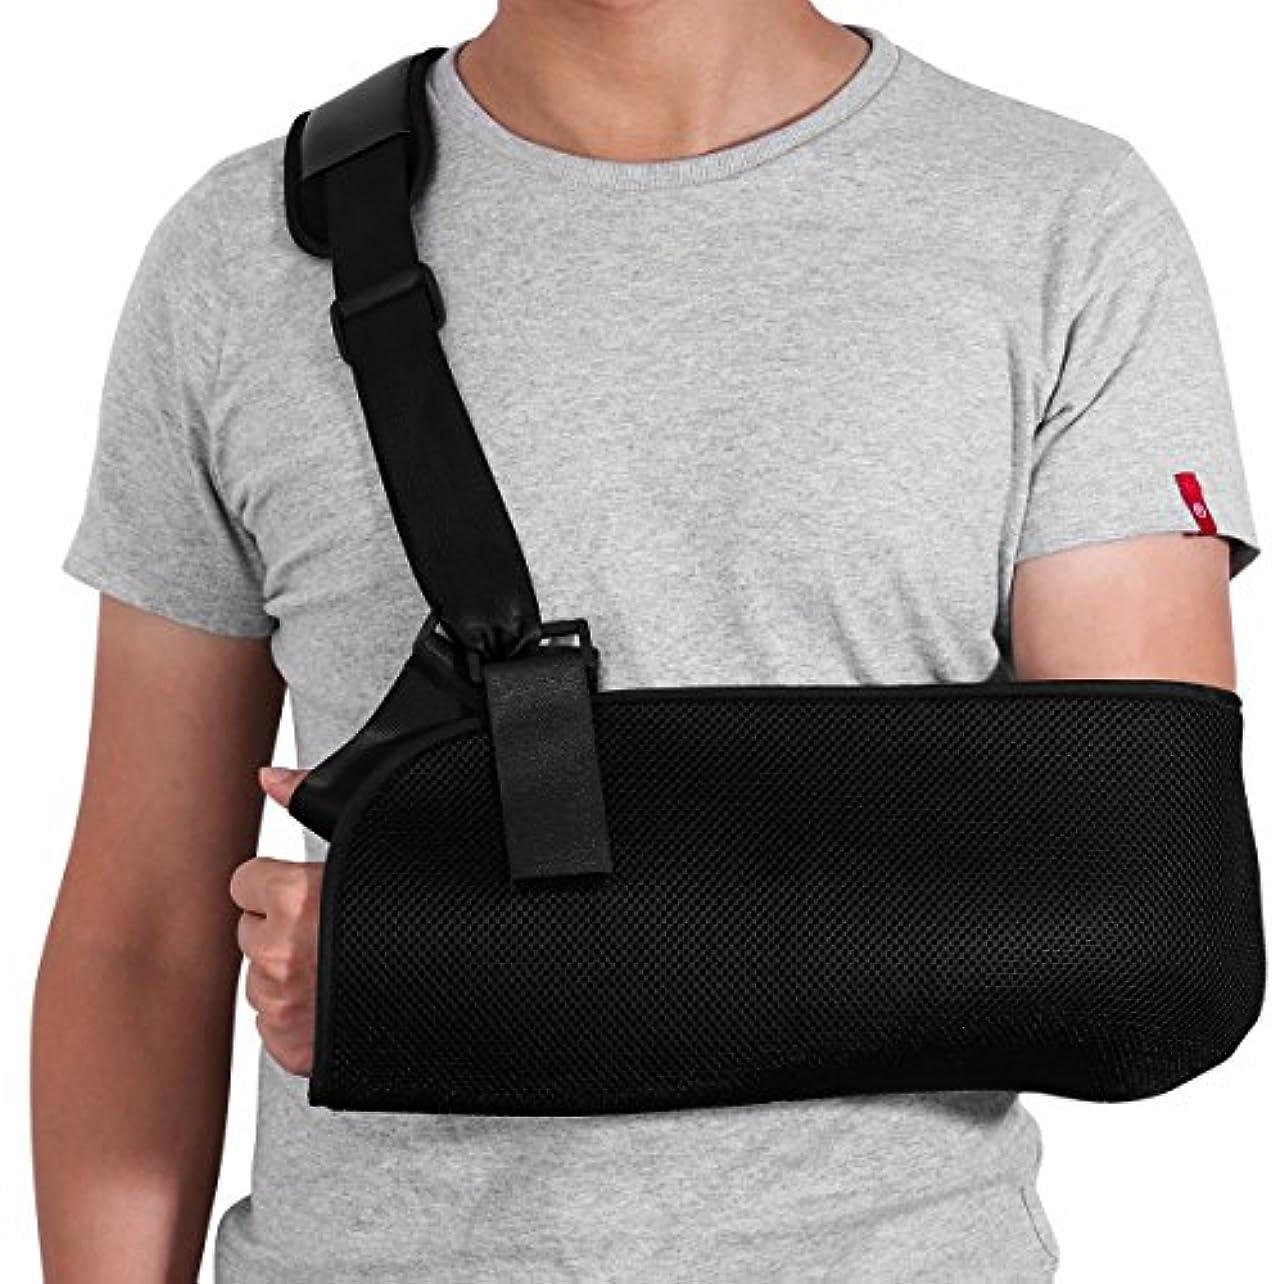 かろうじて匿名サーキュレーションROSENICE アームスリング - 壊れた骨折したアームのためのショルダーイモビライザー - 調節可能なアーム、ショルダーローテーターカフサポートブレース - 涙、脱臼、捻挫およびひずみ